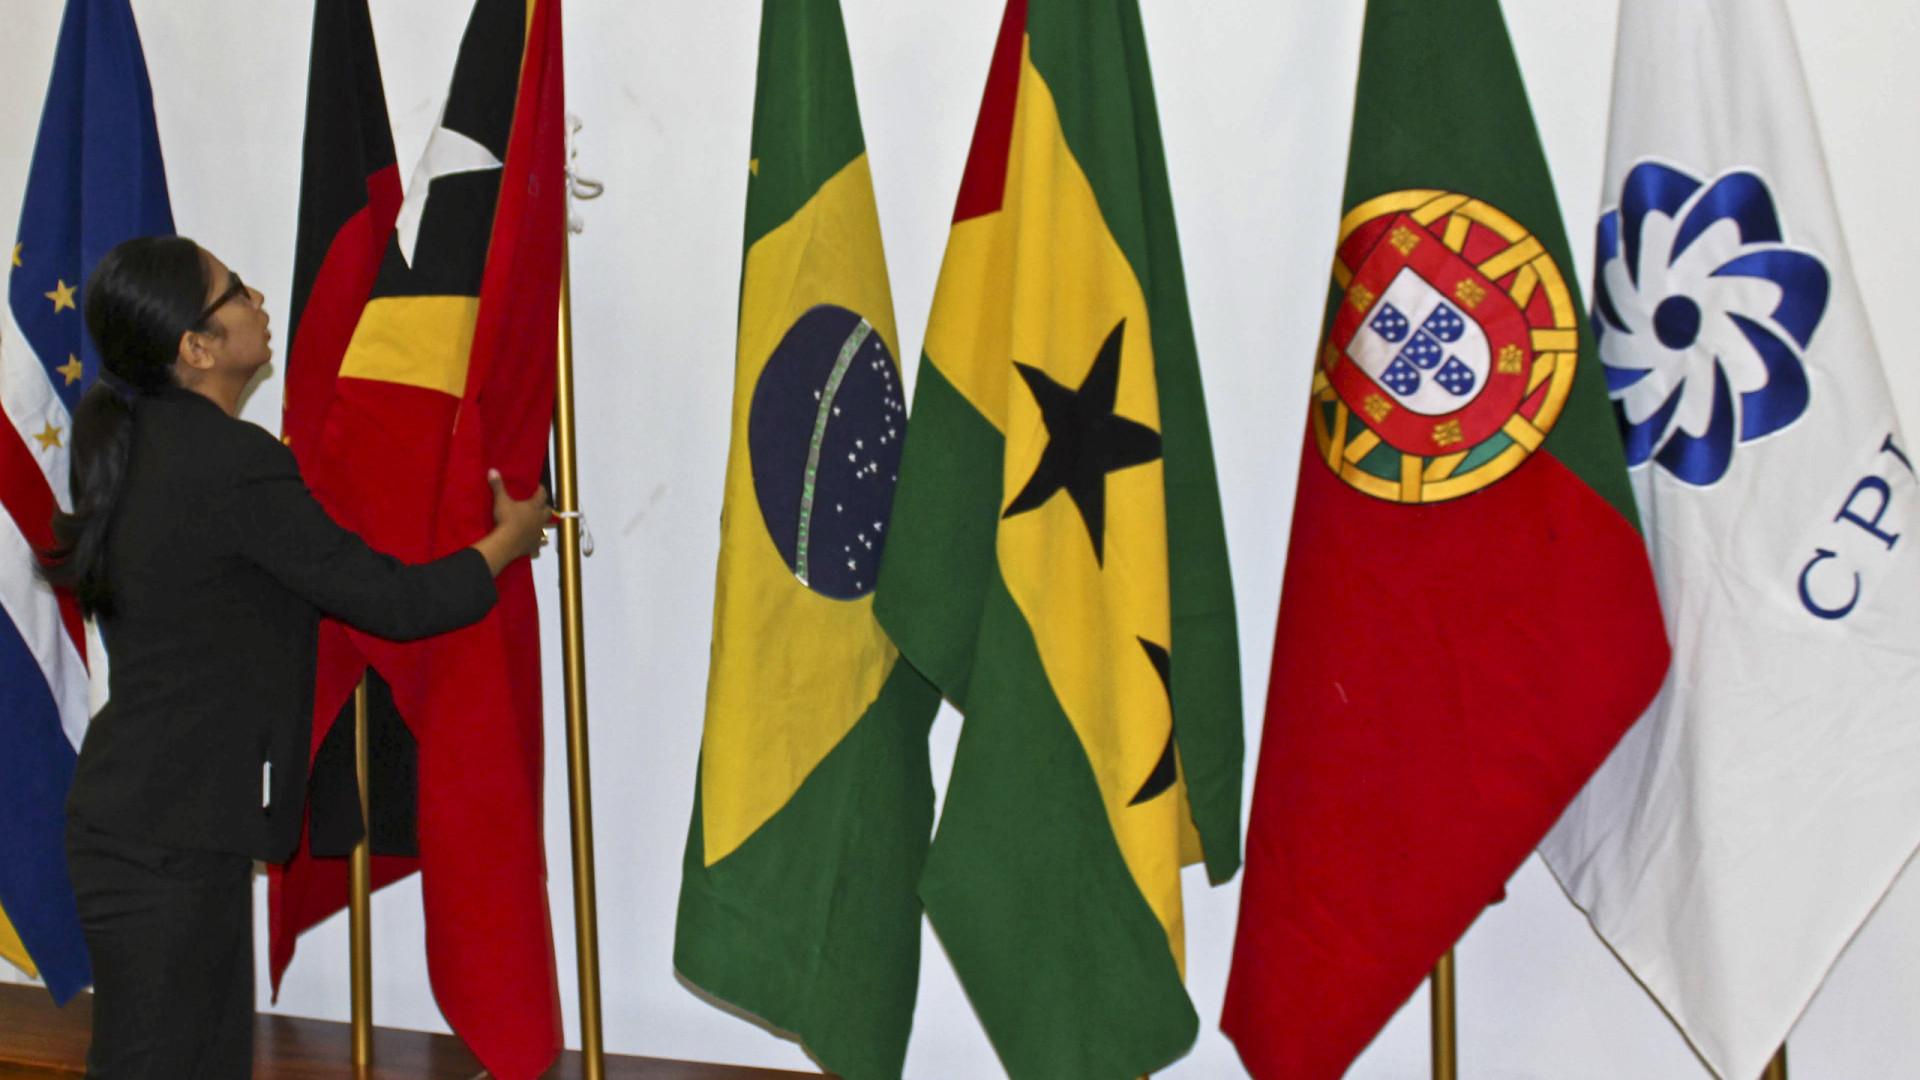 Perto de 200 artistas da CPLP na Bienal de Arte de Vila Nova Cerveira